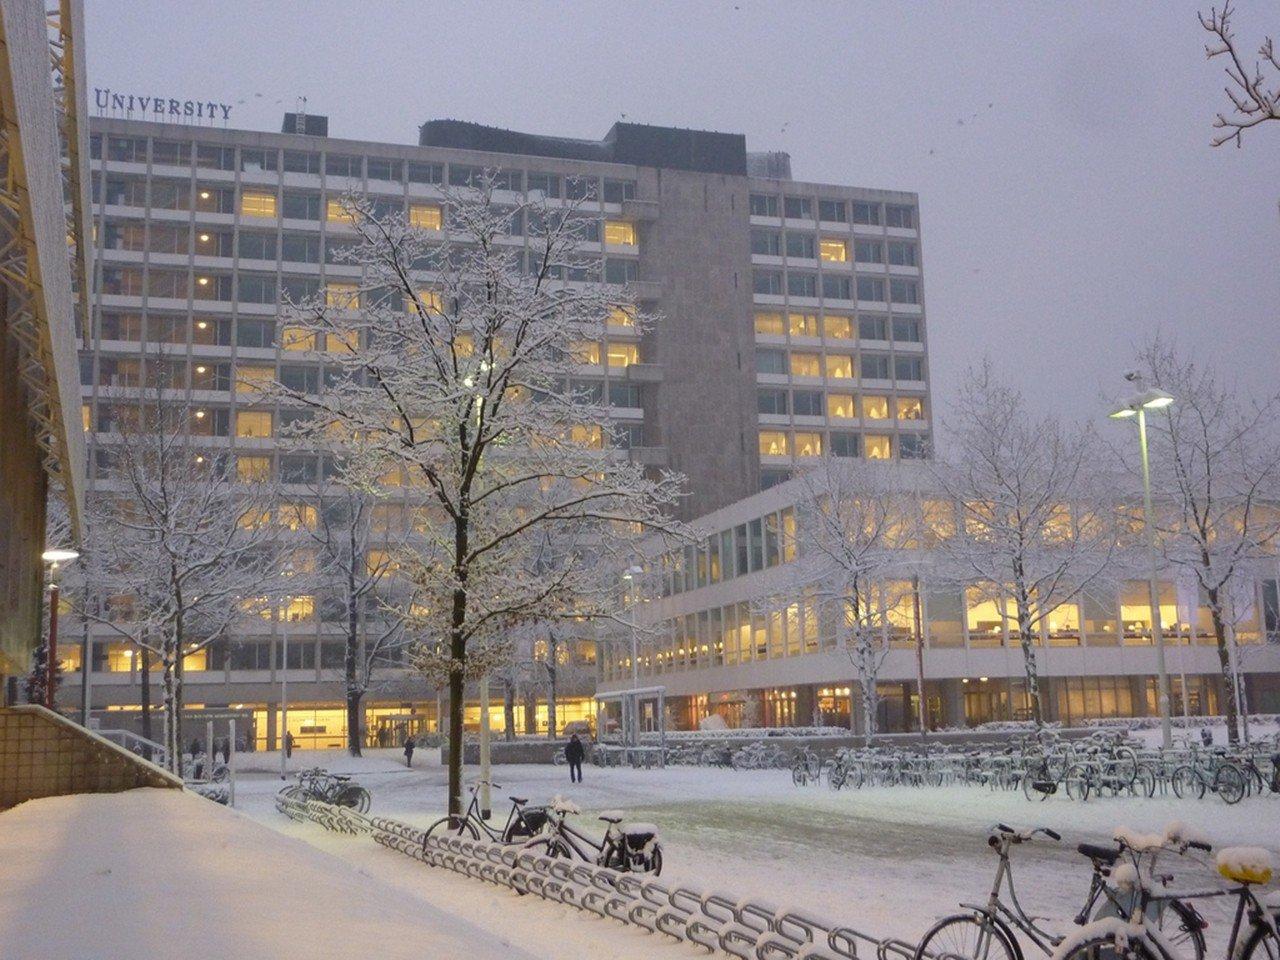 Đại học Nghiên cứu Tilburg